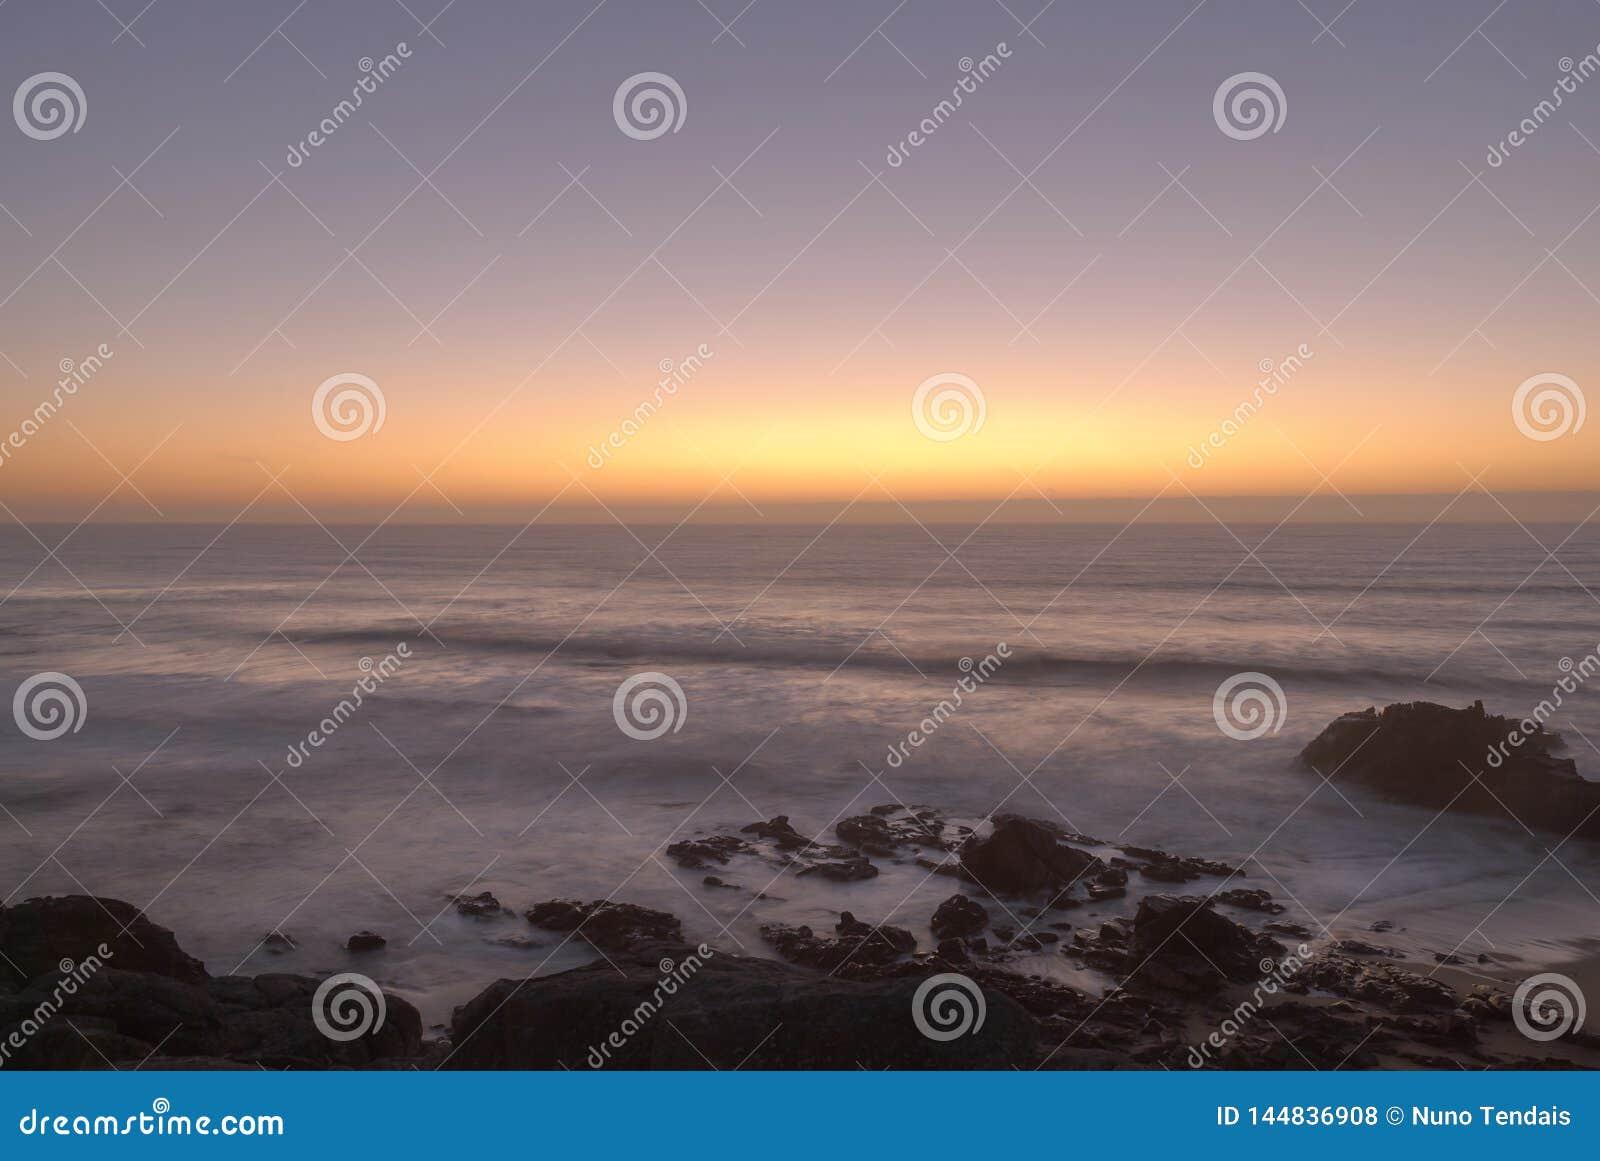 La puesta del sol en el océano